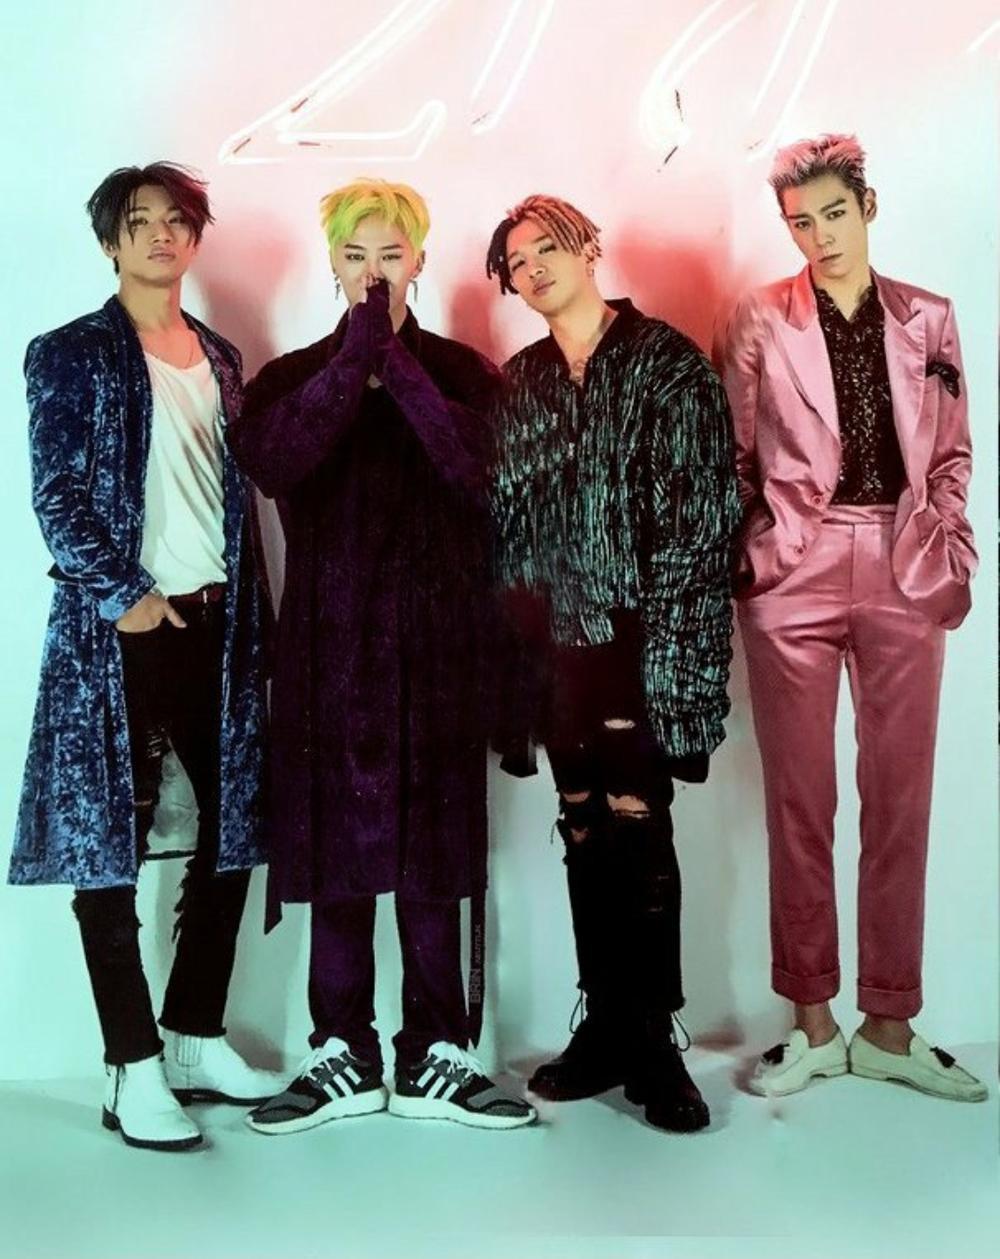 G-Dragon tiết lộ Big Bang sắp trở lại sau gần 5 năm 'đóng băng' hoạt động? Ảnh 4